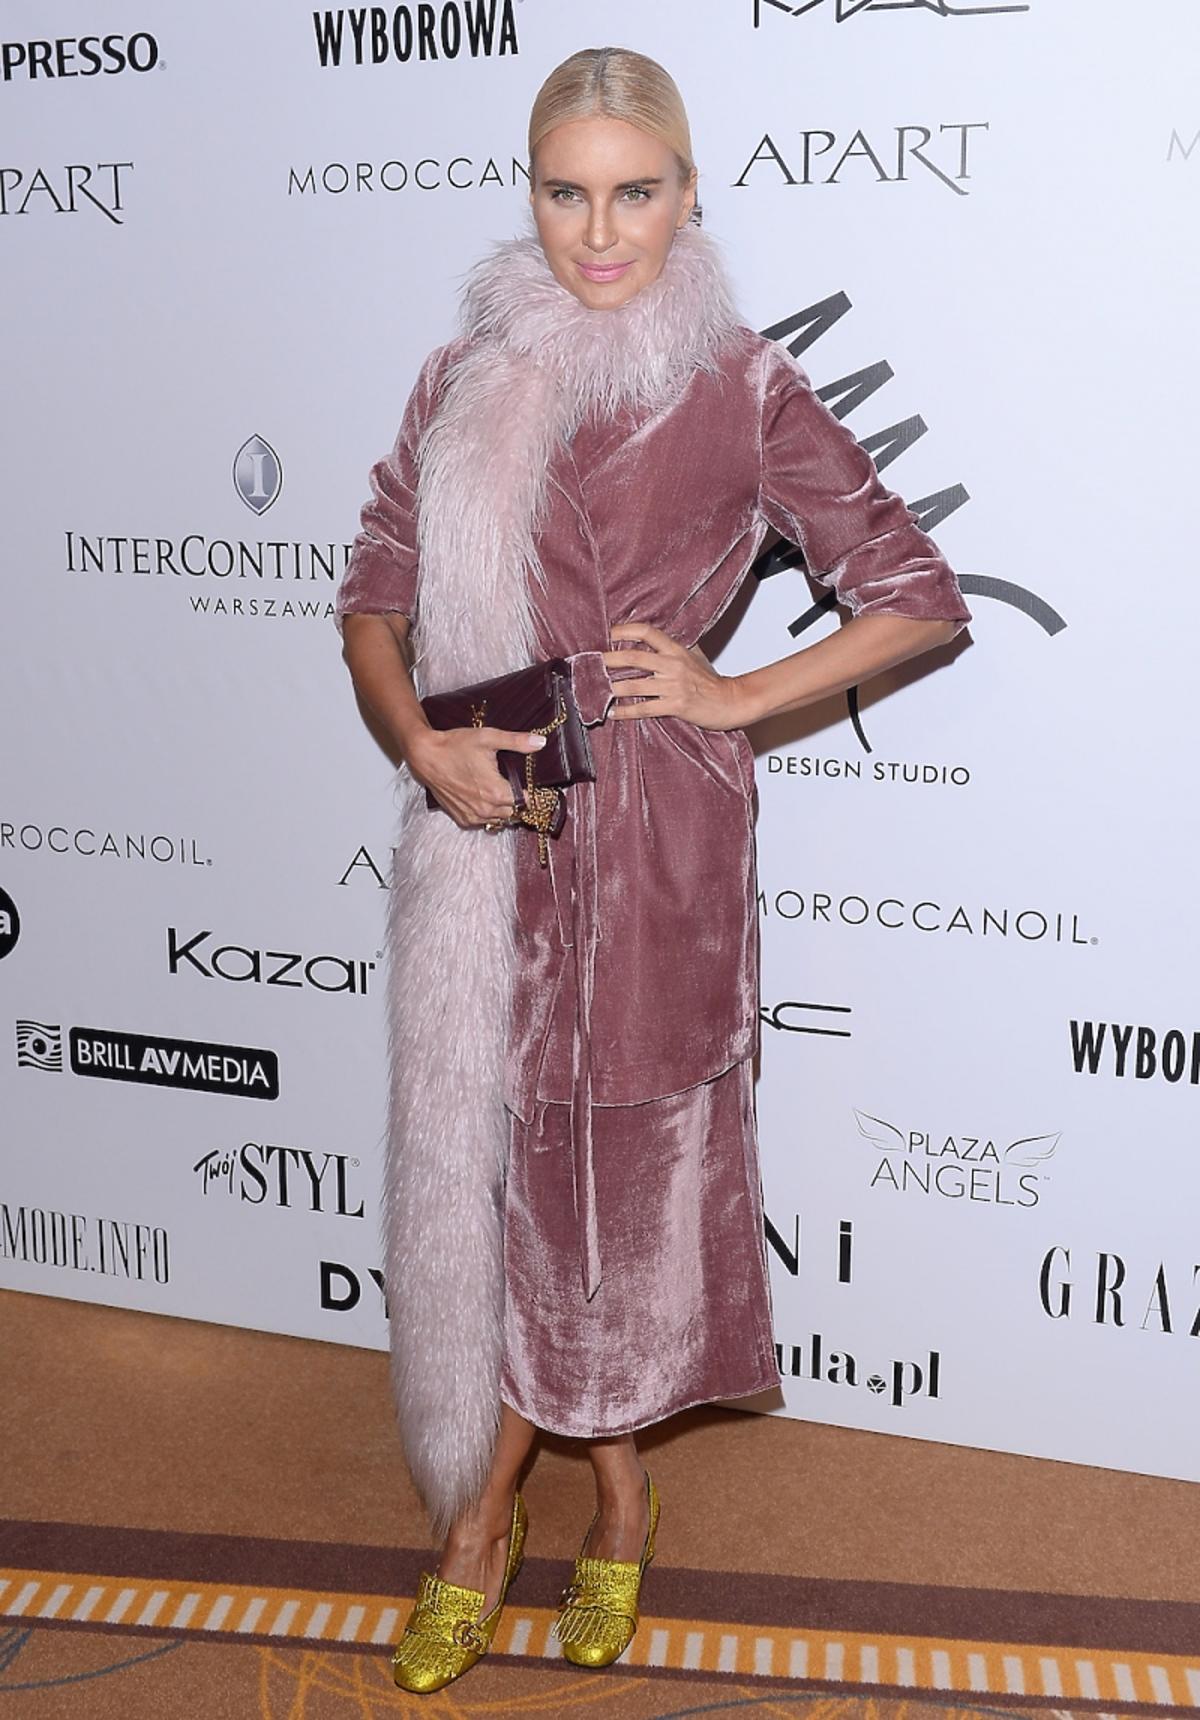 Joanna Horodyńska w różowej marynarce, sukience i futrzanym szalu, bordową torebką i złotych błyszczących butach